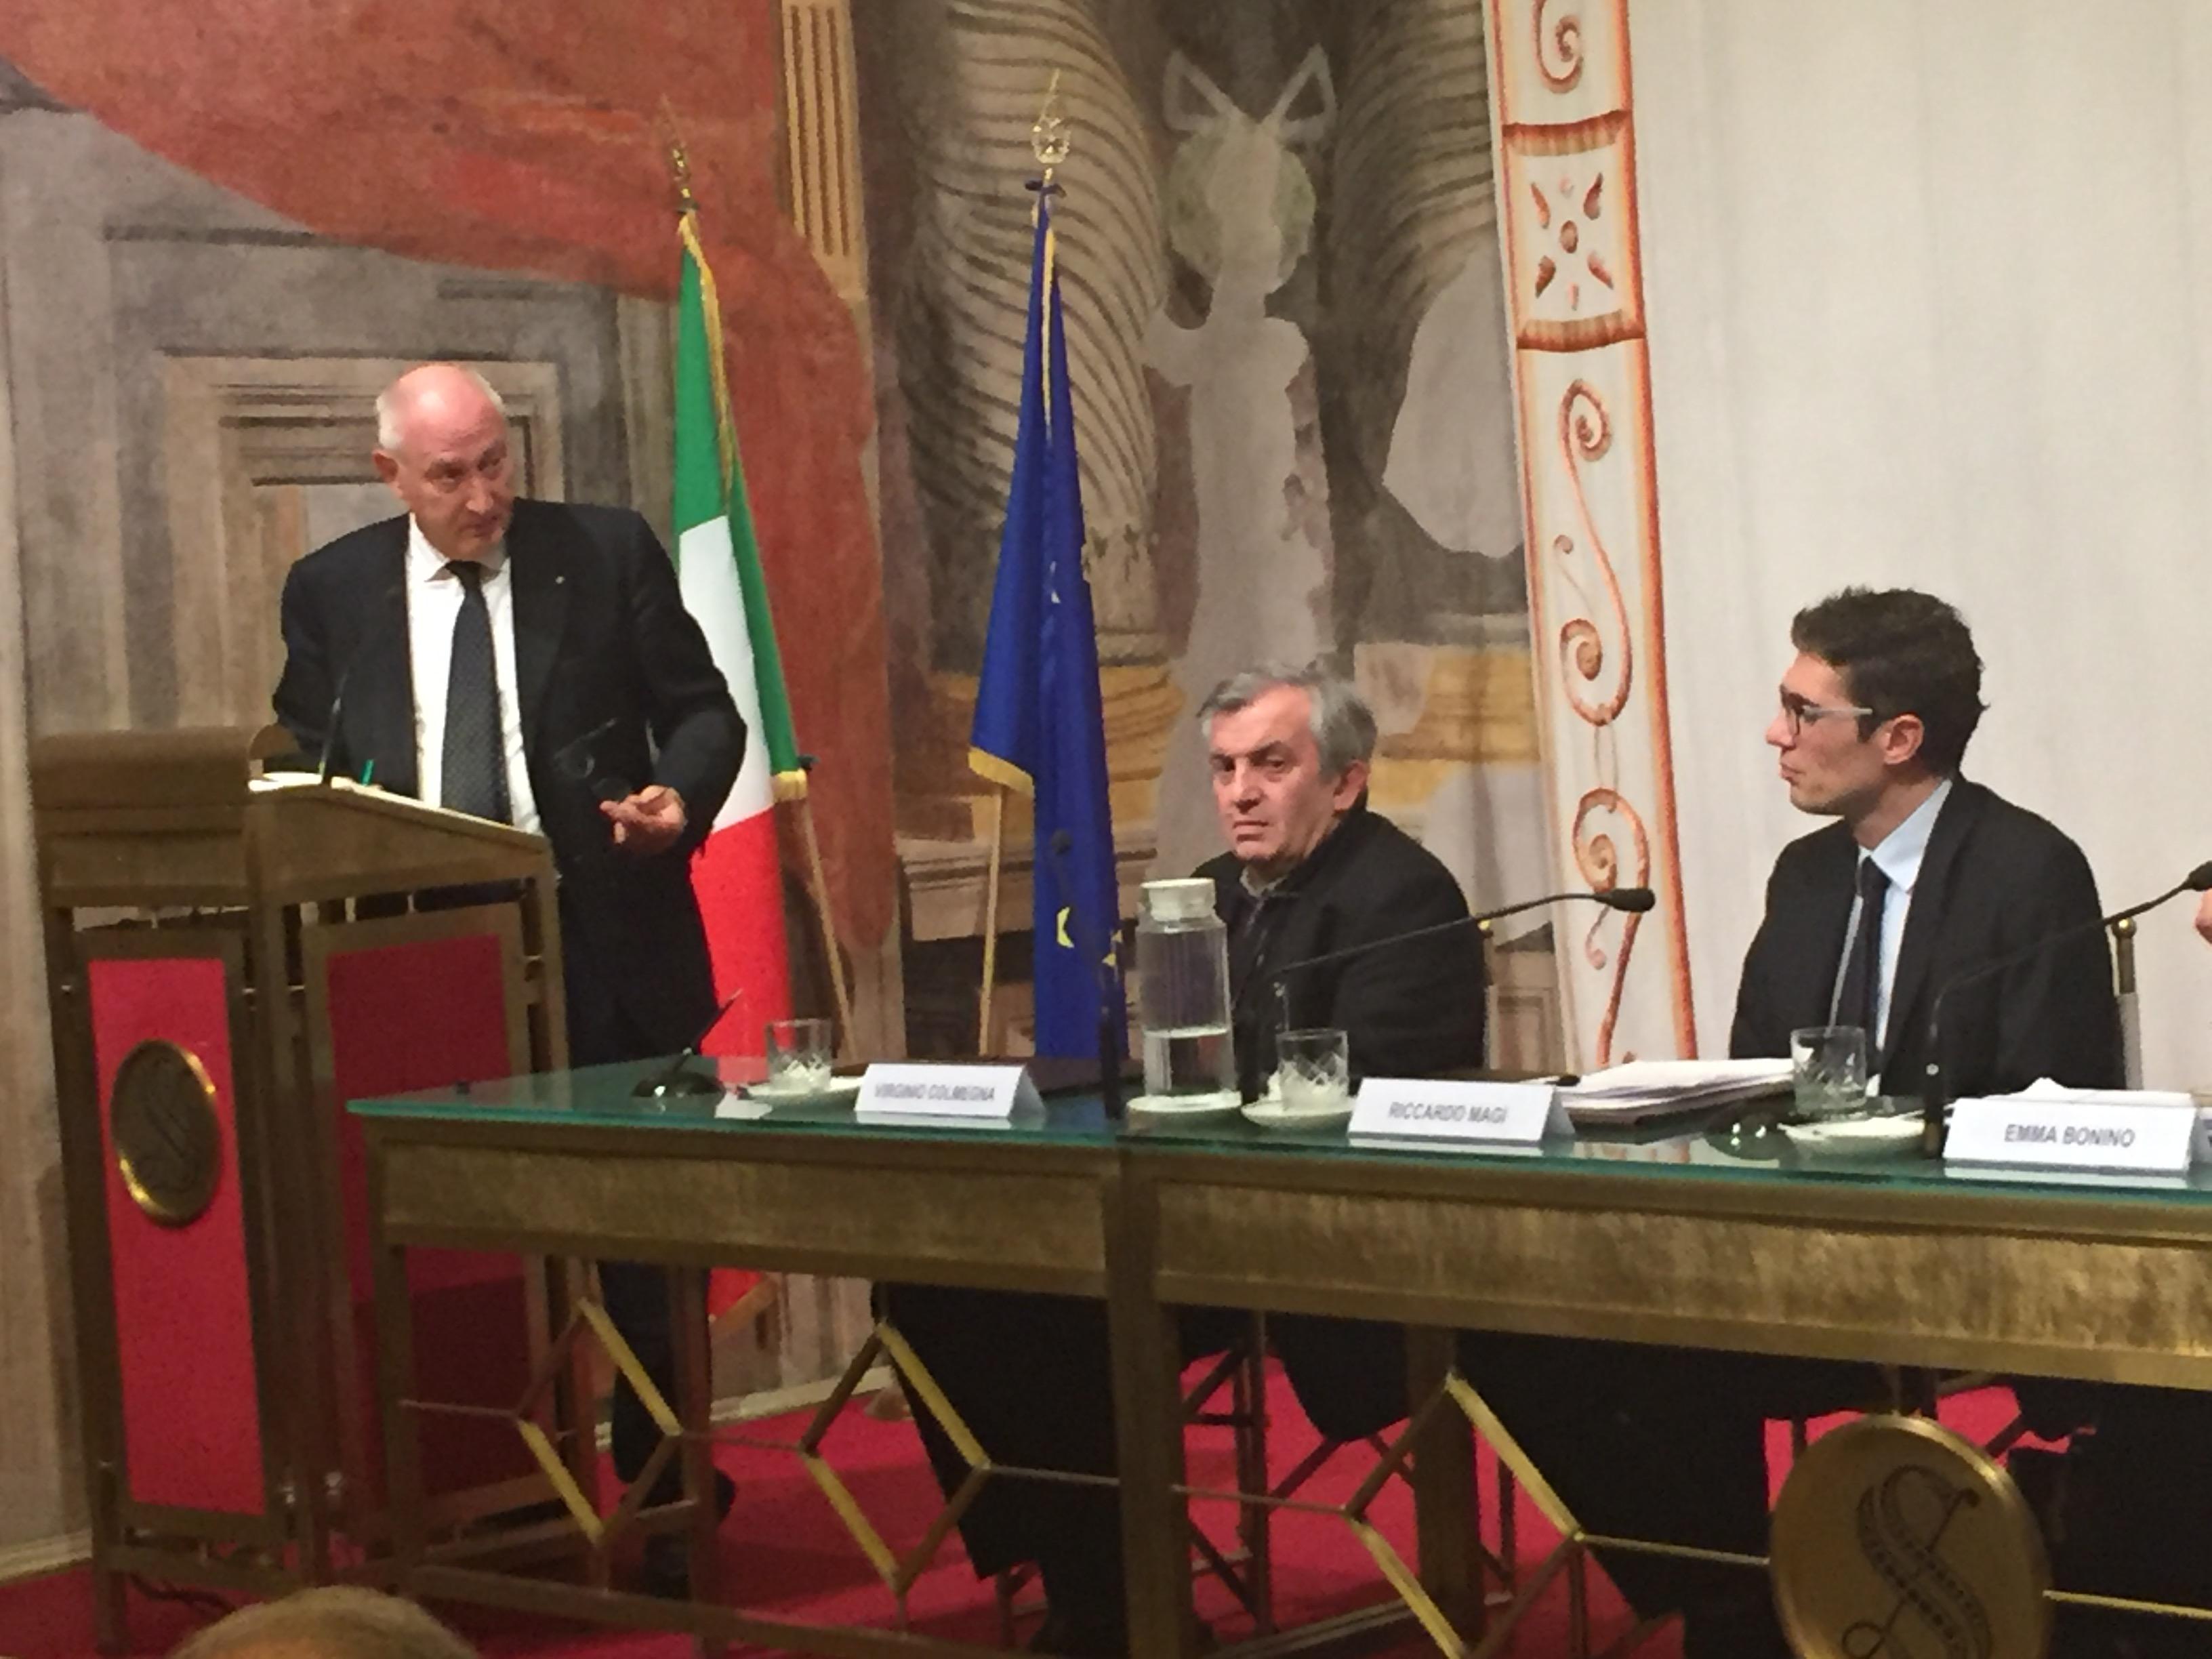 Intervento Capo Dipartimento Mario Morcone